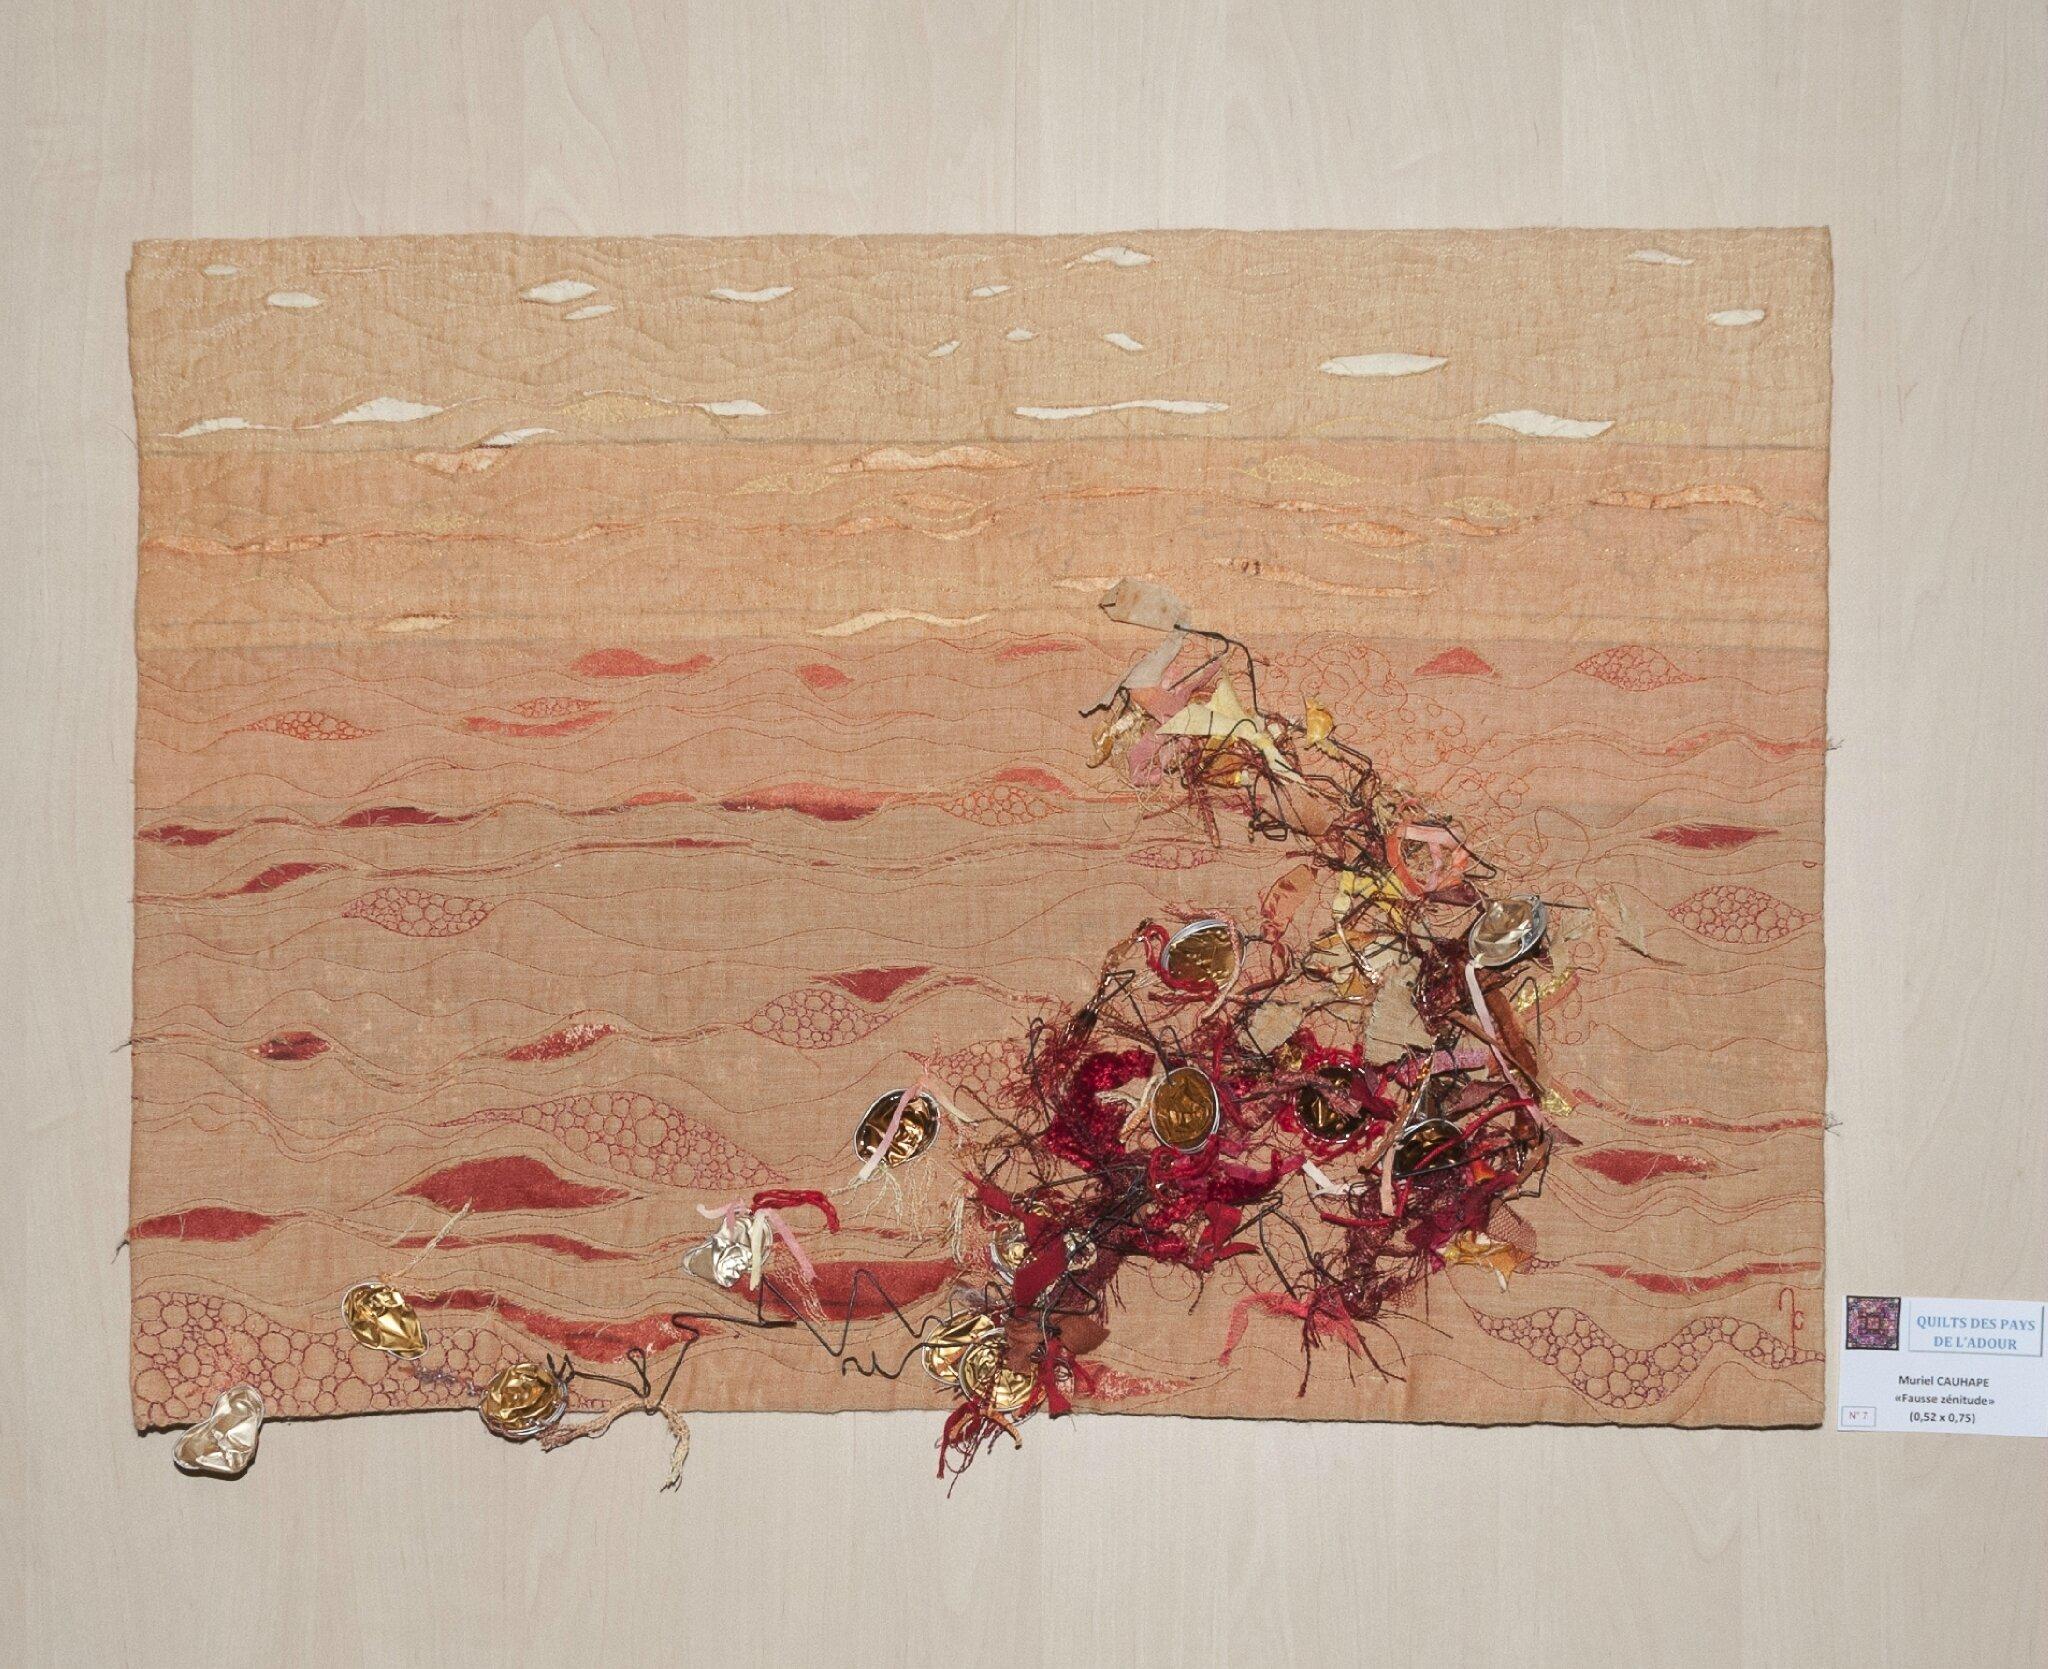 45-Quilts pays de l'Adour-Muriel CAUHAPE-2